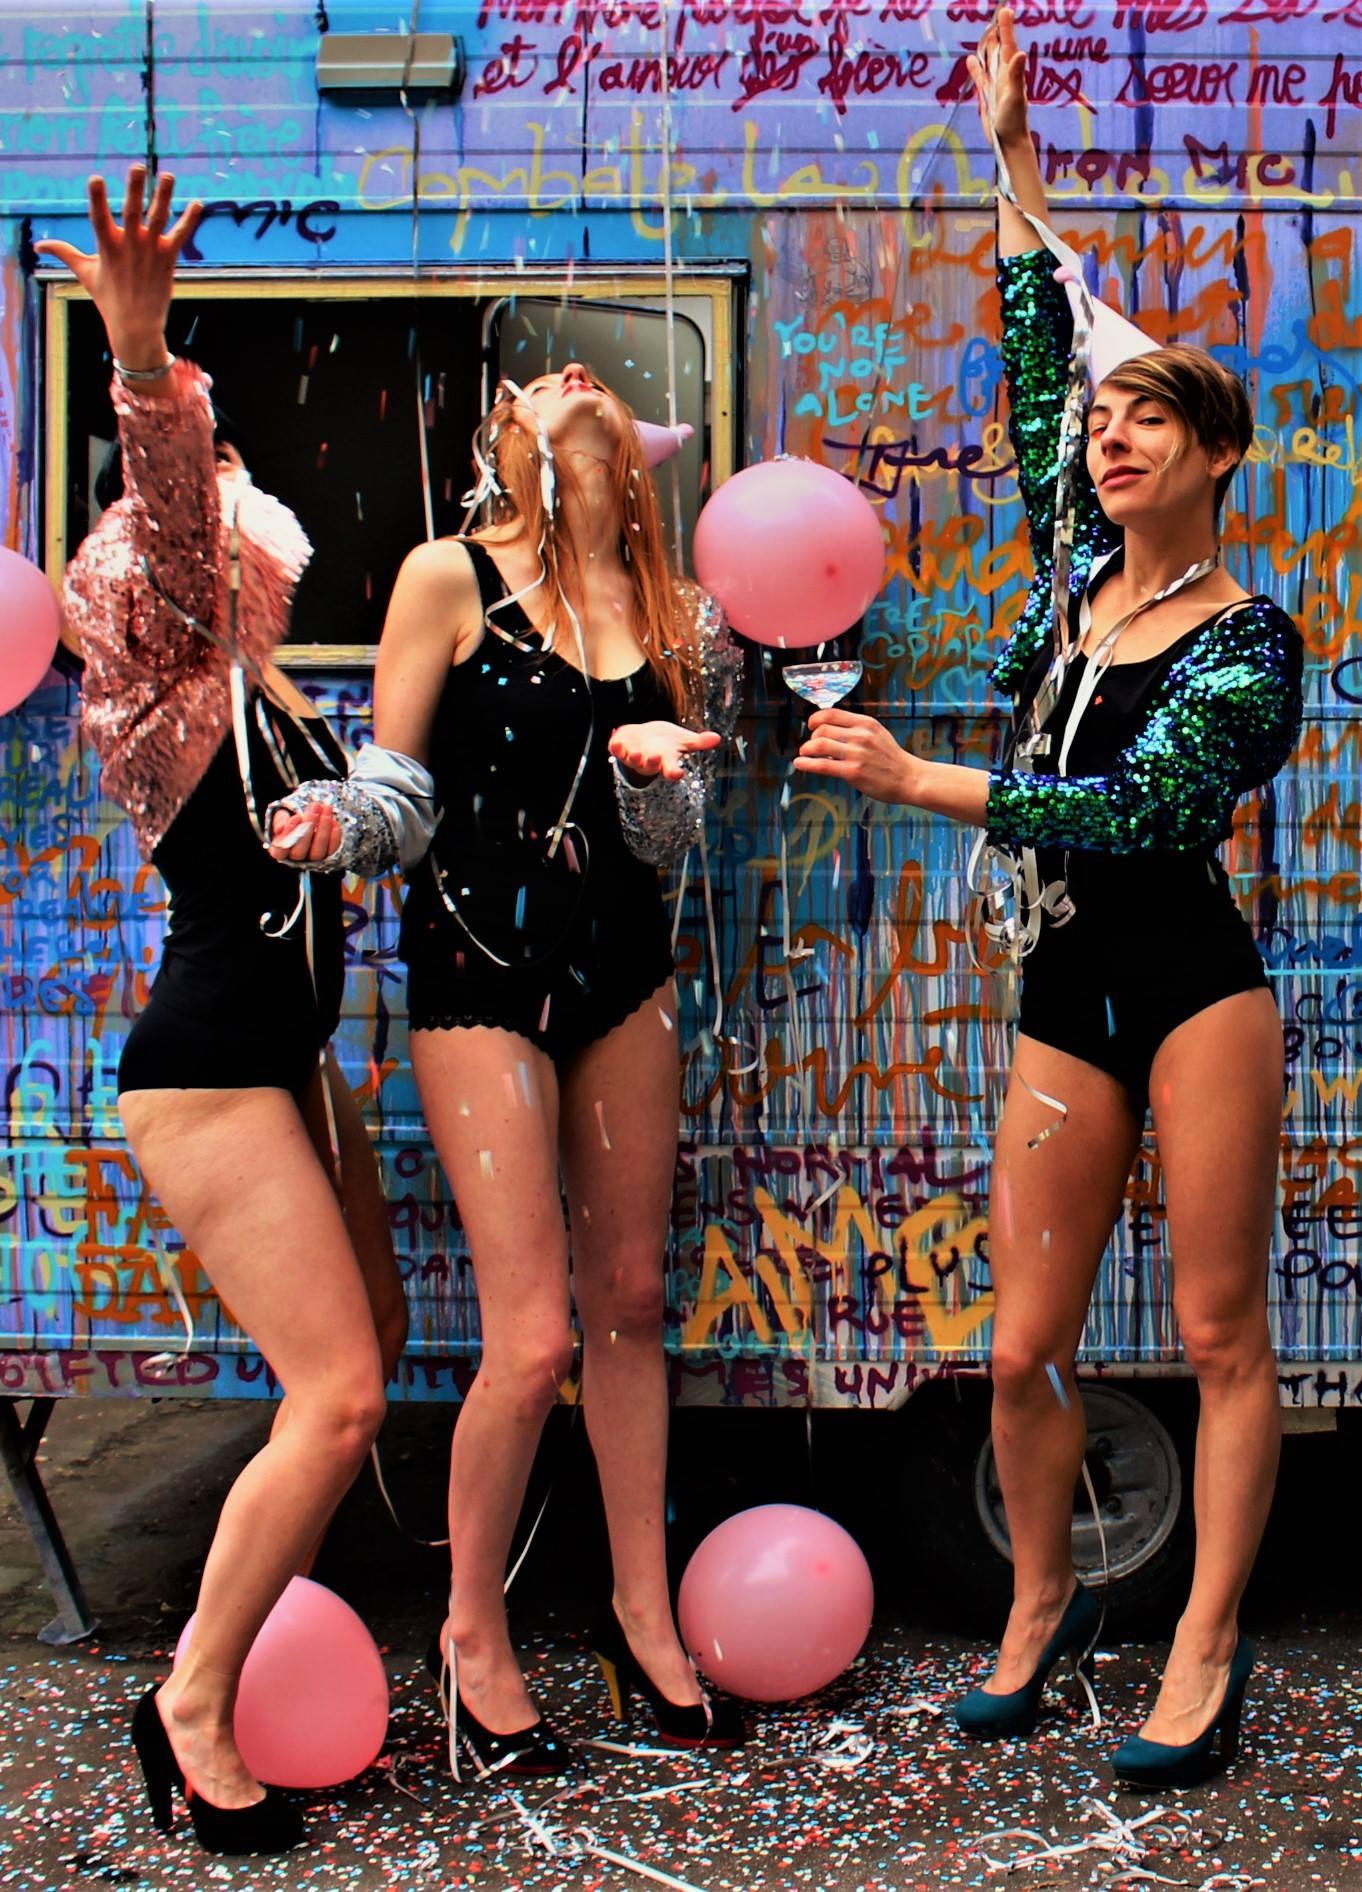 bacchantes-danseuses-collectif-vecteur-rouen